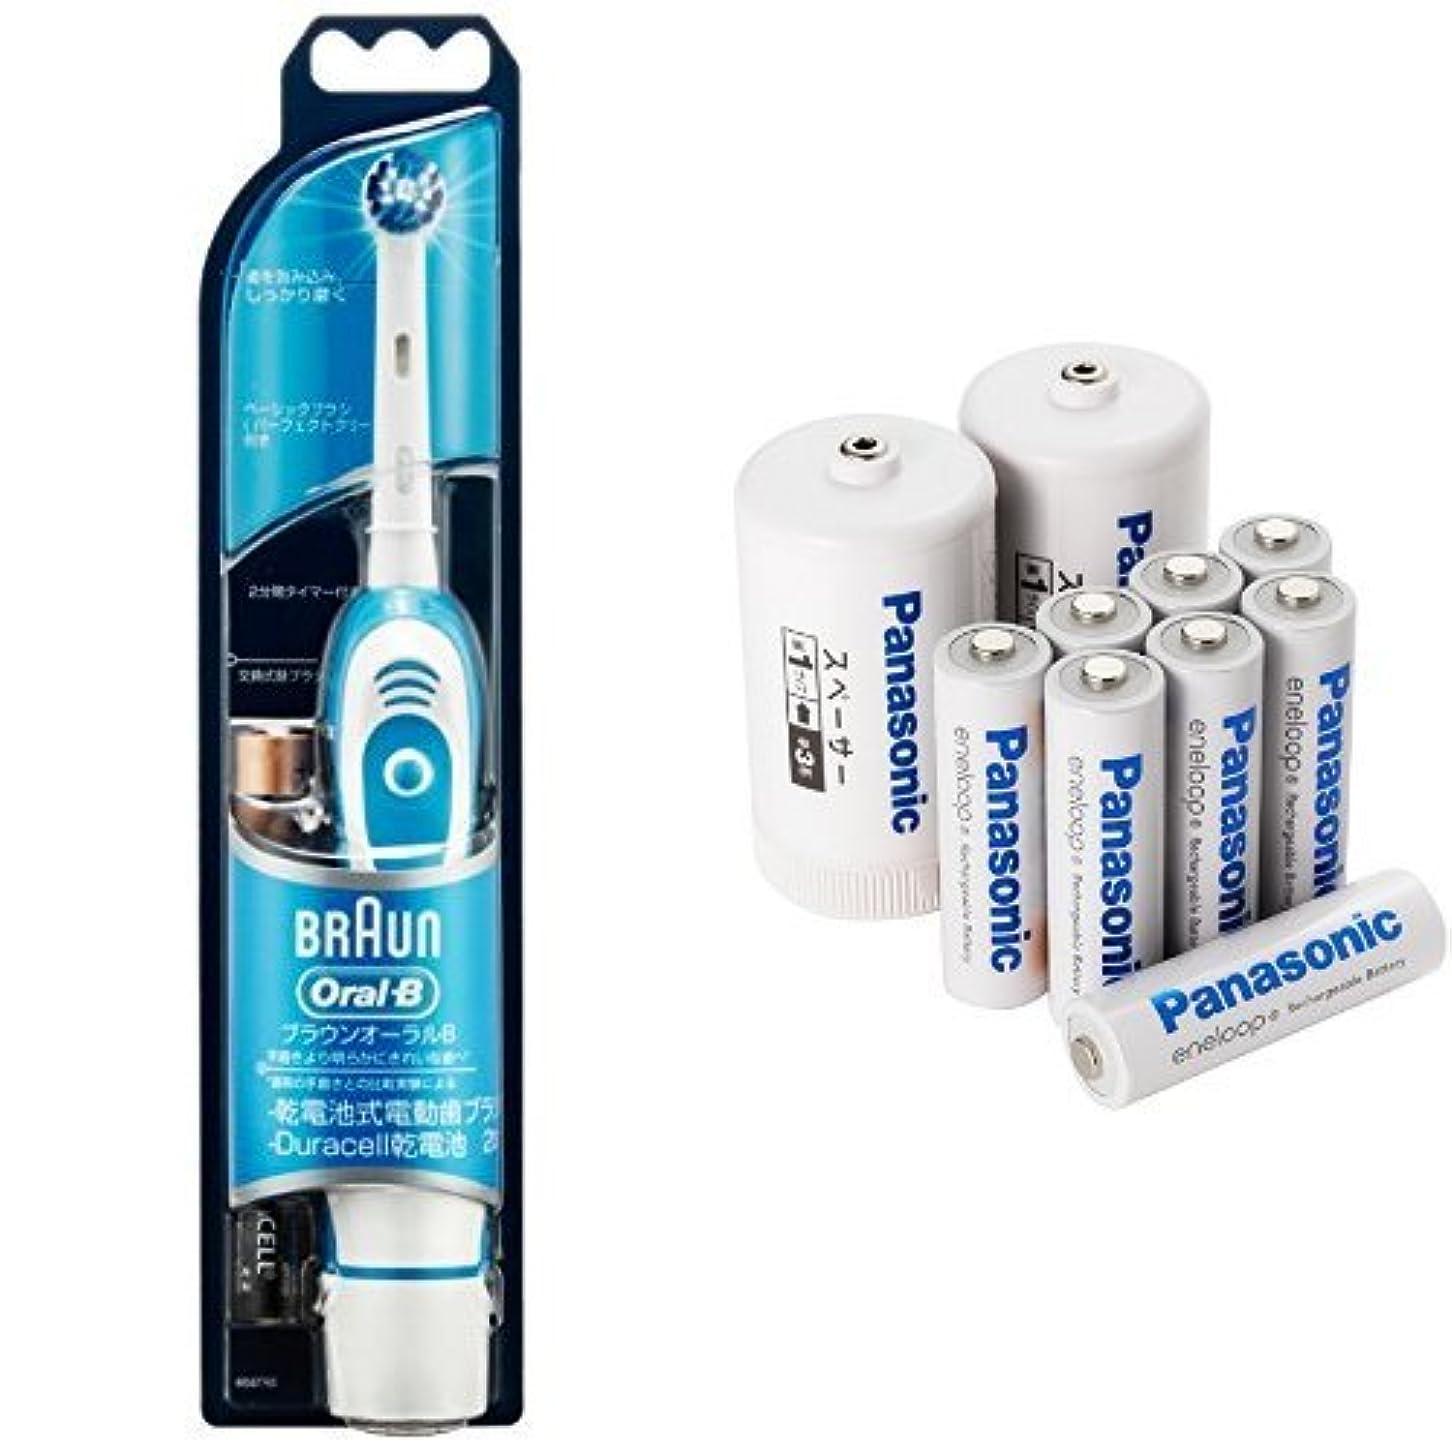 リーフレット年齢褒賞ブラウン オーラルB プラックコントロール DB4510NE 電動歯ブラシ 乾電池式 + eneloop 単3形充電池 8本パック BK-3MCC/8FA セット